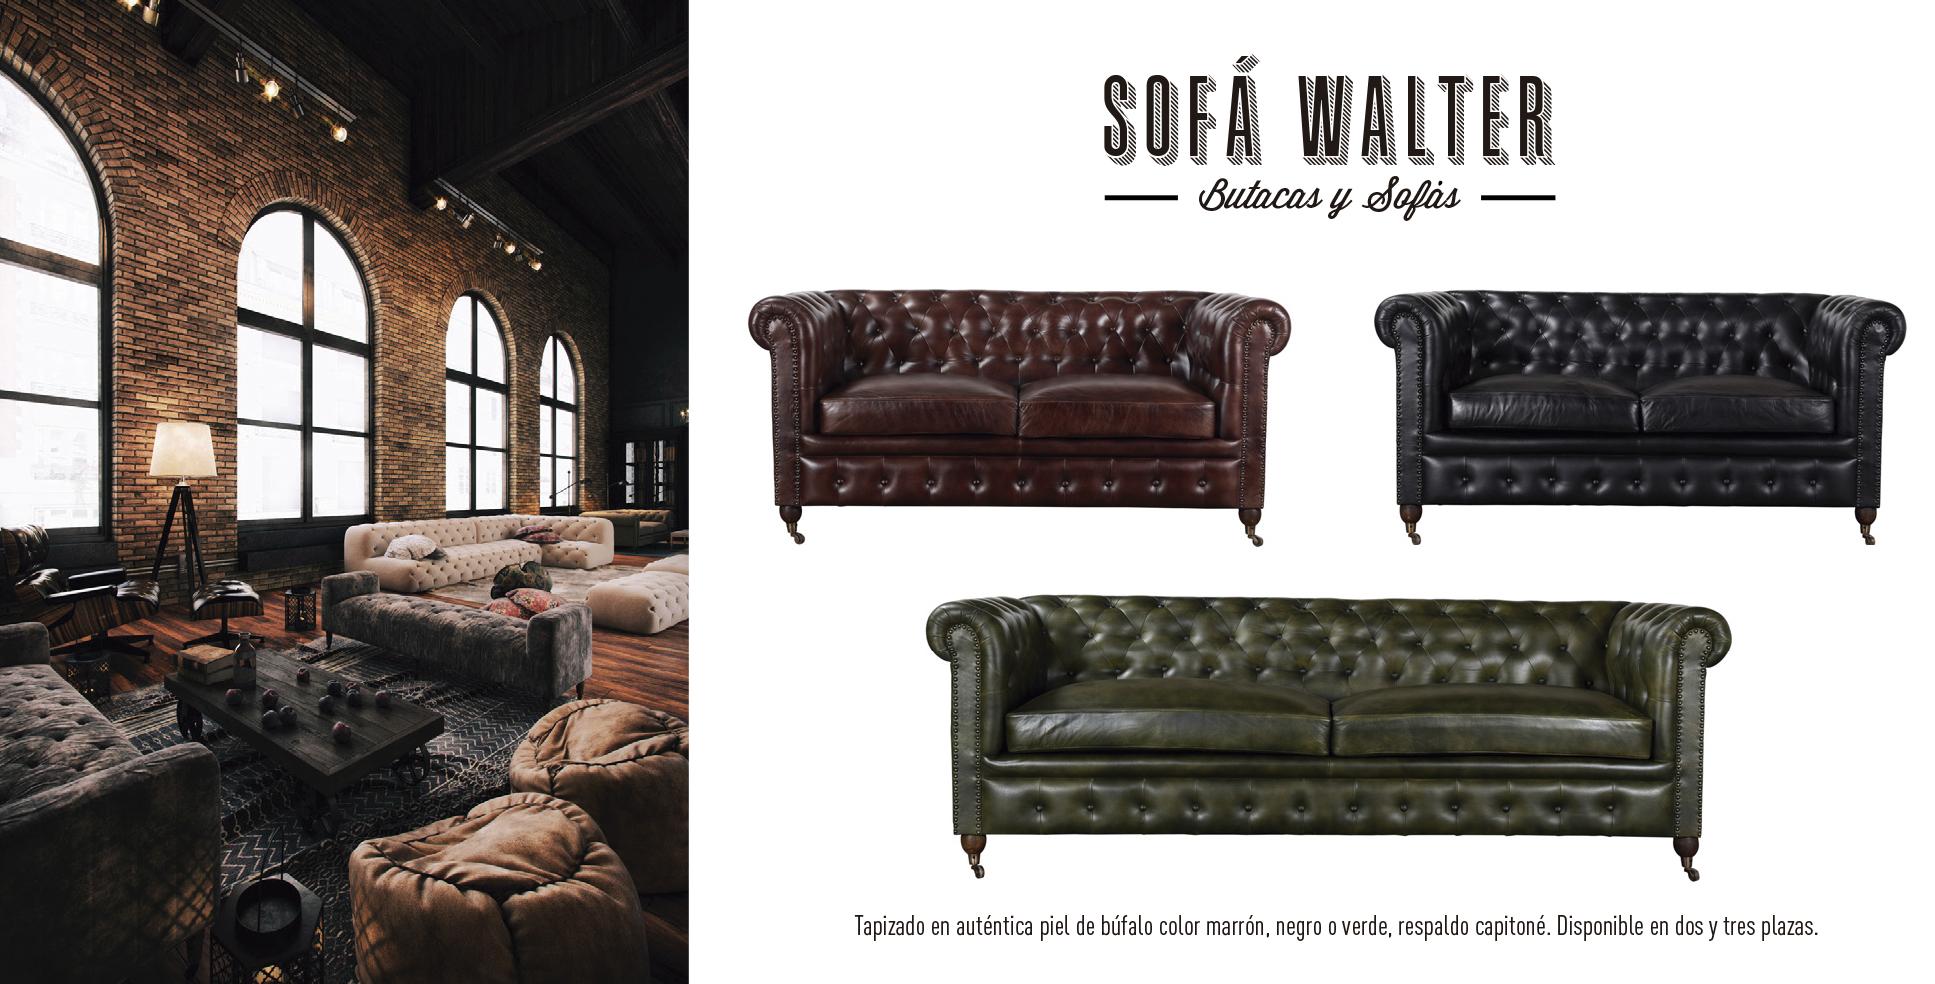 sofa walter dos tres plazas marron negro verde